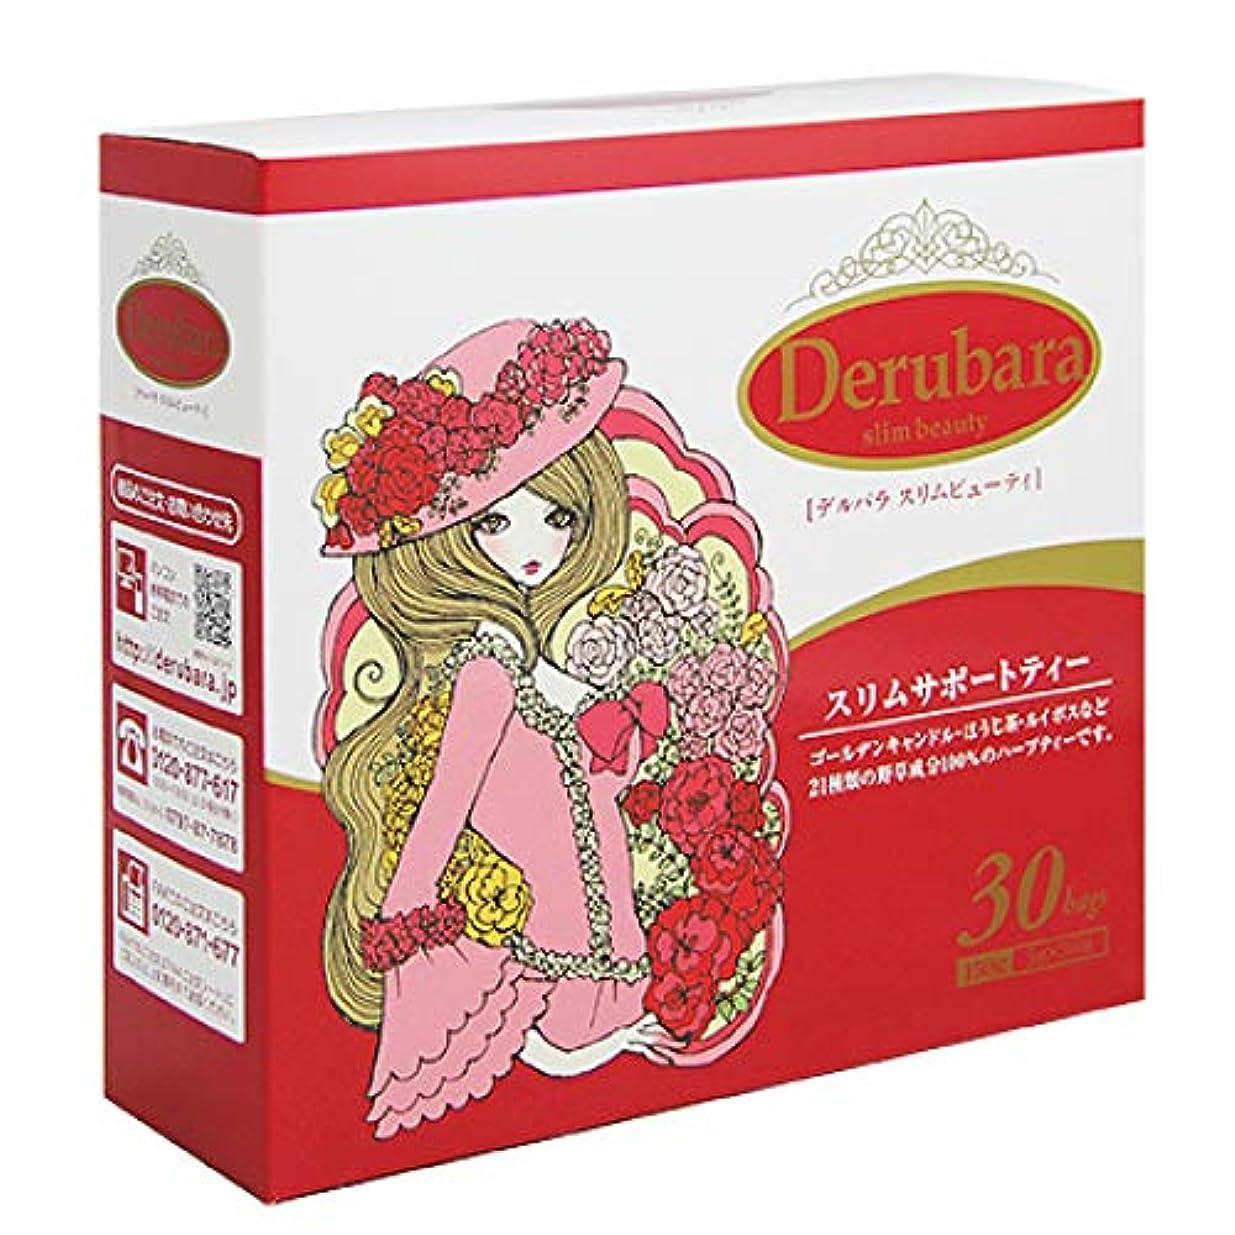 赤義務的平らにするデルバラスリムビューティ 2箱セット (1包5g×30包入)×2箱 朝スッキリ! キャンドルブッシュ お茶